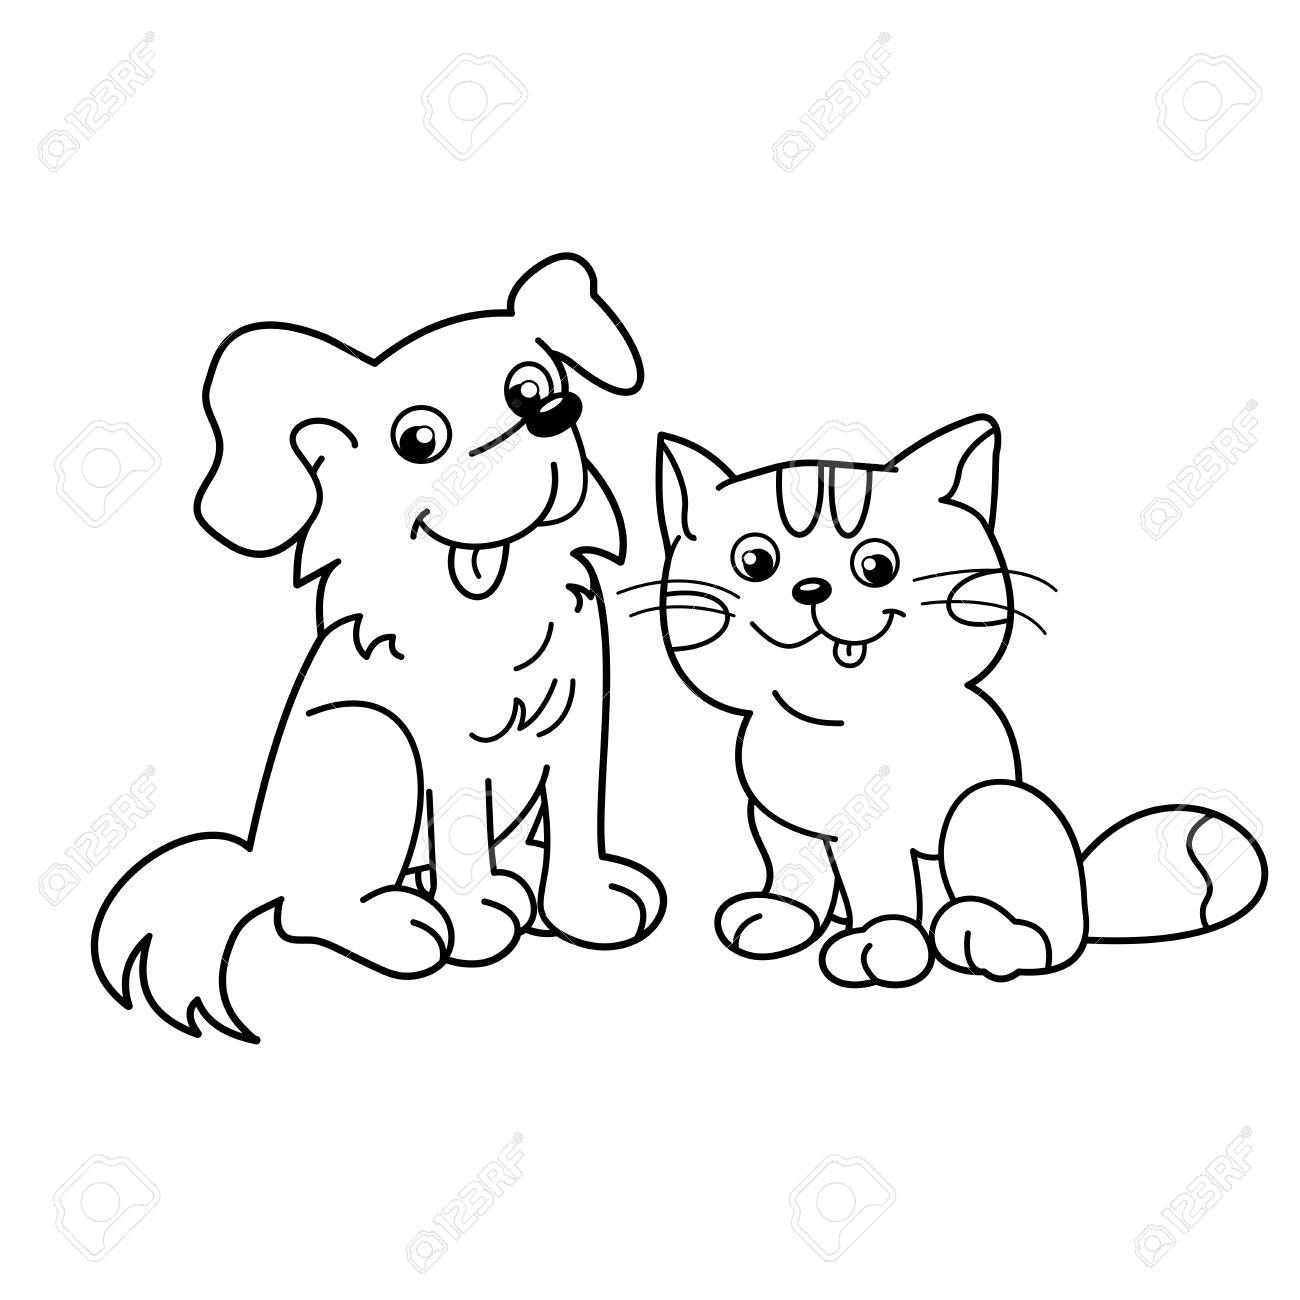 Dibujos Para Colorear Gatos Y Perros Imagesacolorierwebsite